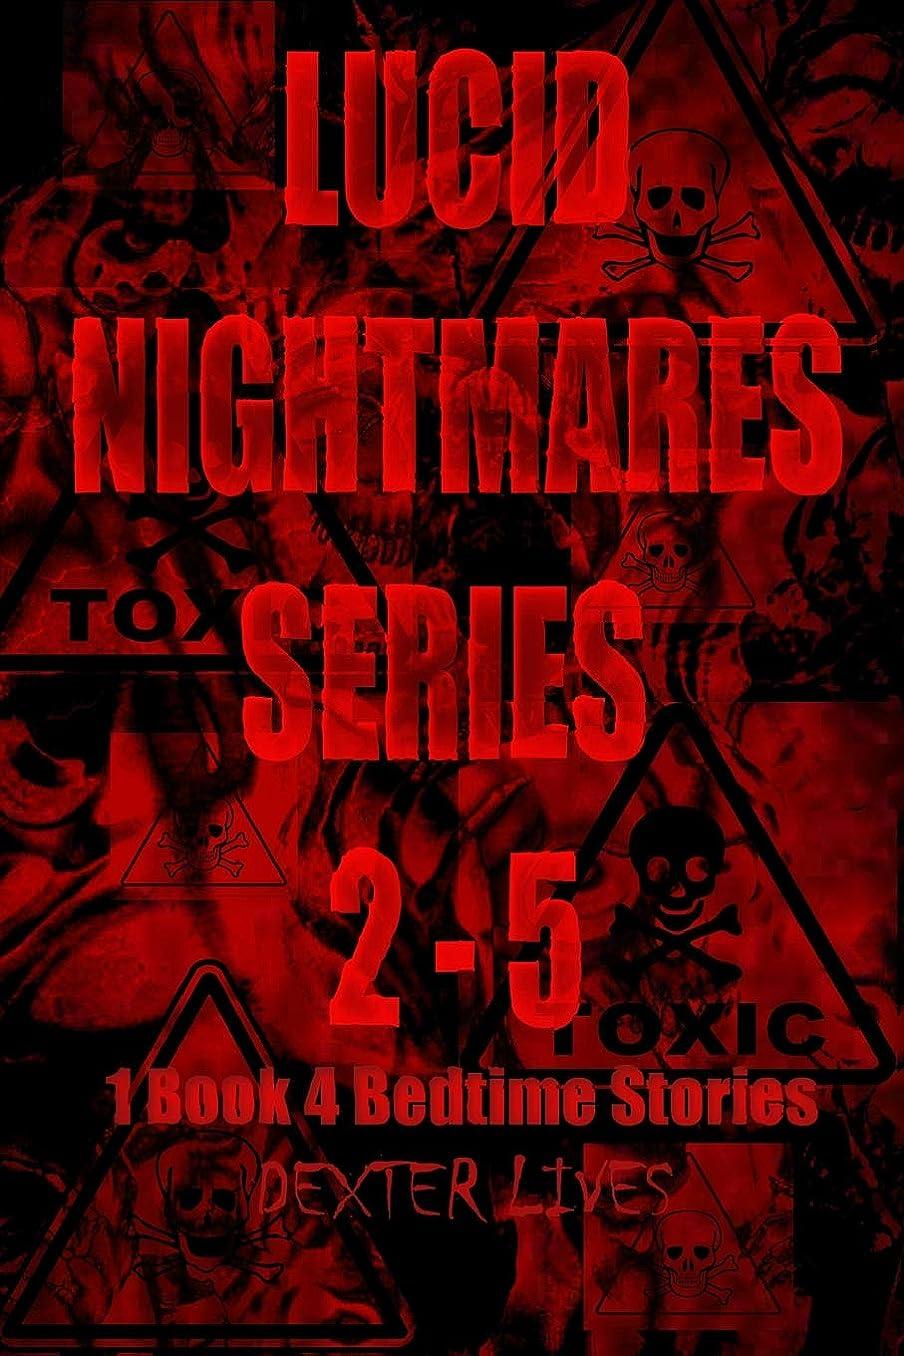 前兆衝突野球Lucid Nightmares Series 2 - 5: 1 Book 4 Bedtime Stories (Lucid Nightmares Box Sets)